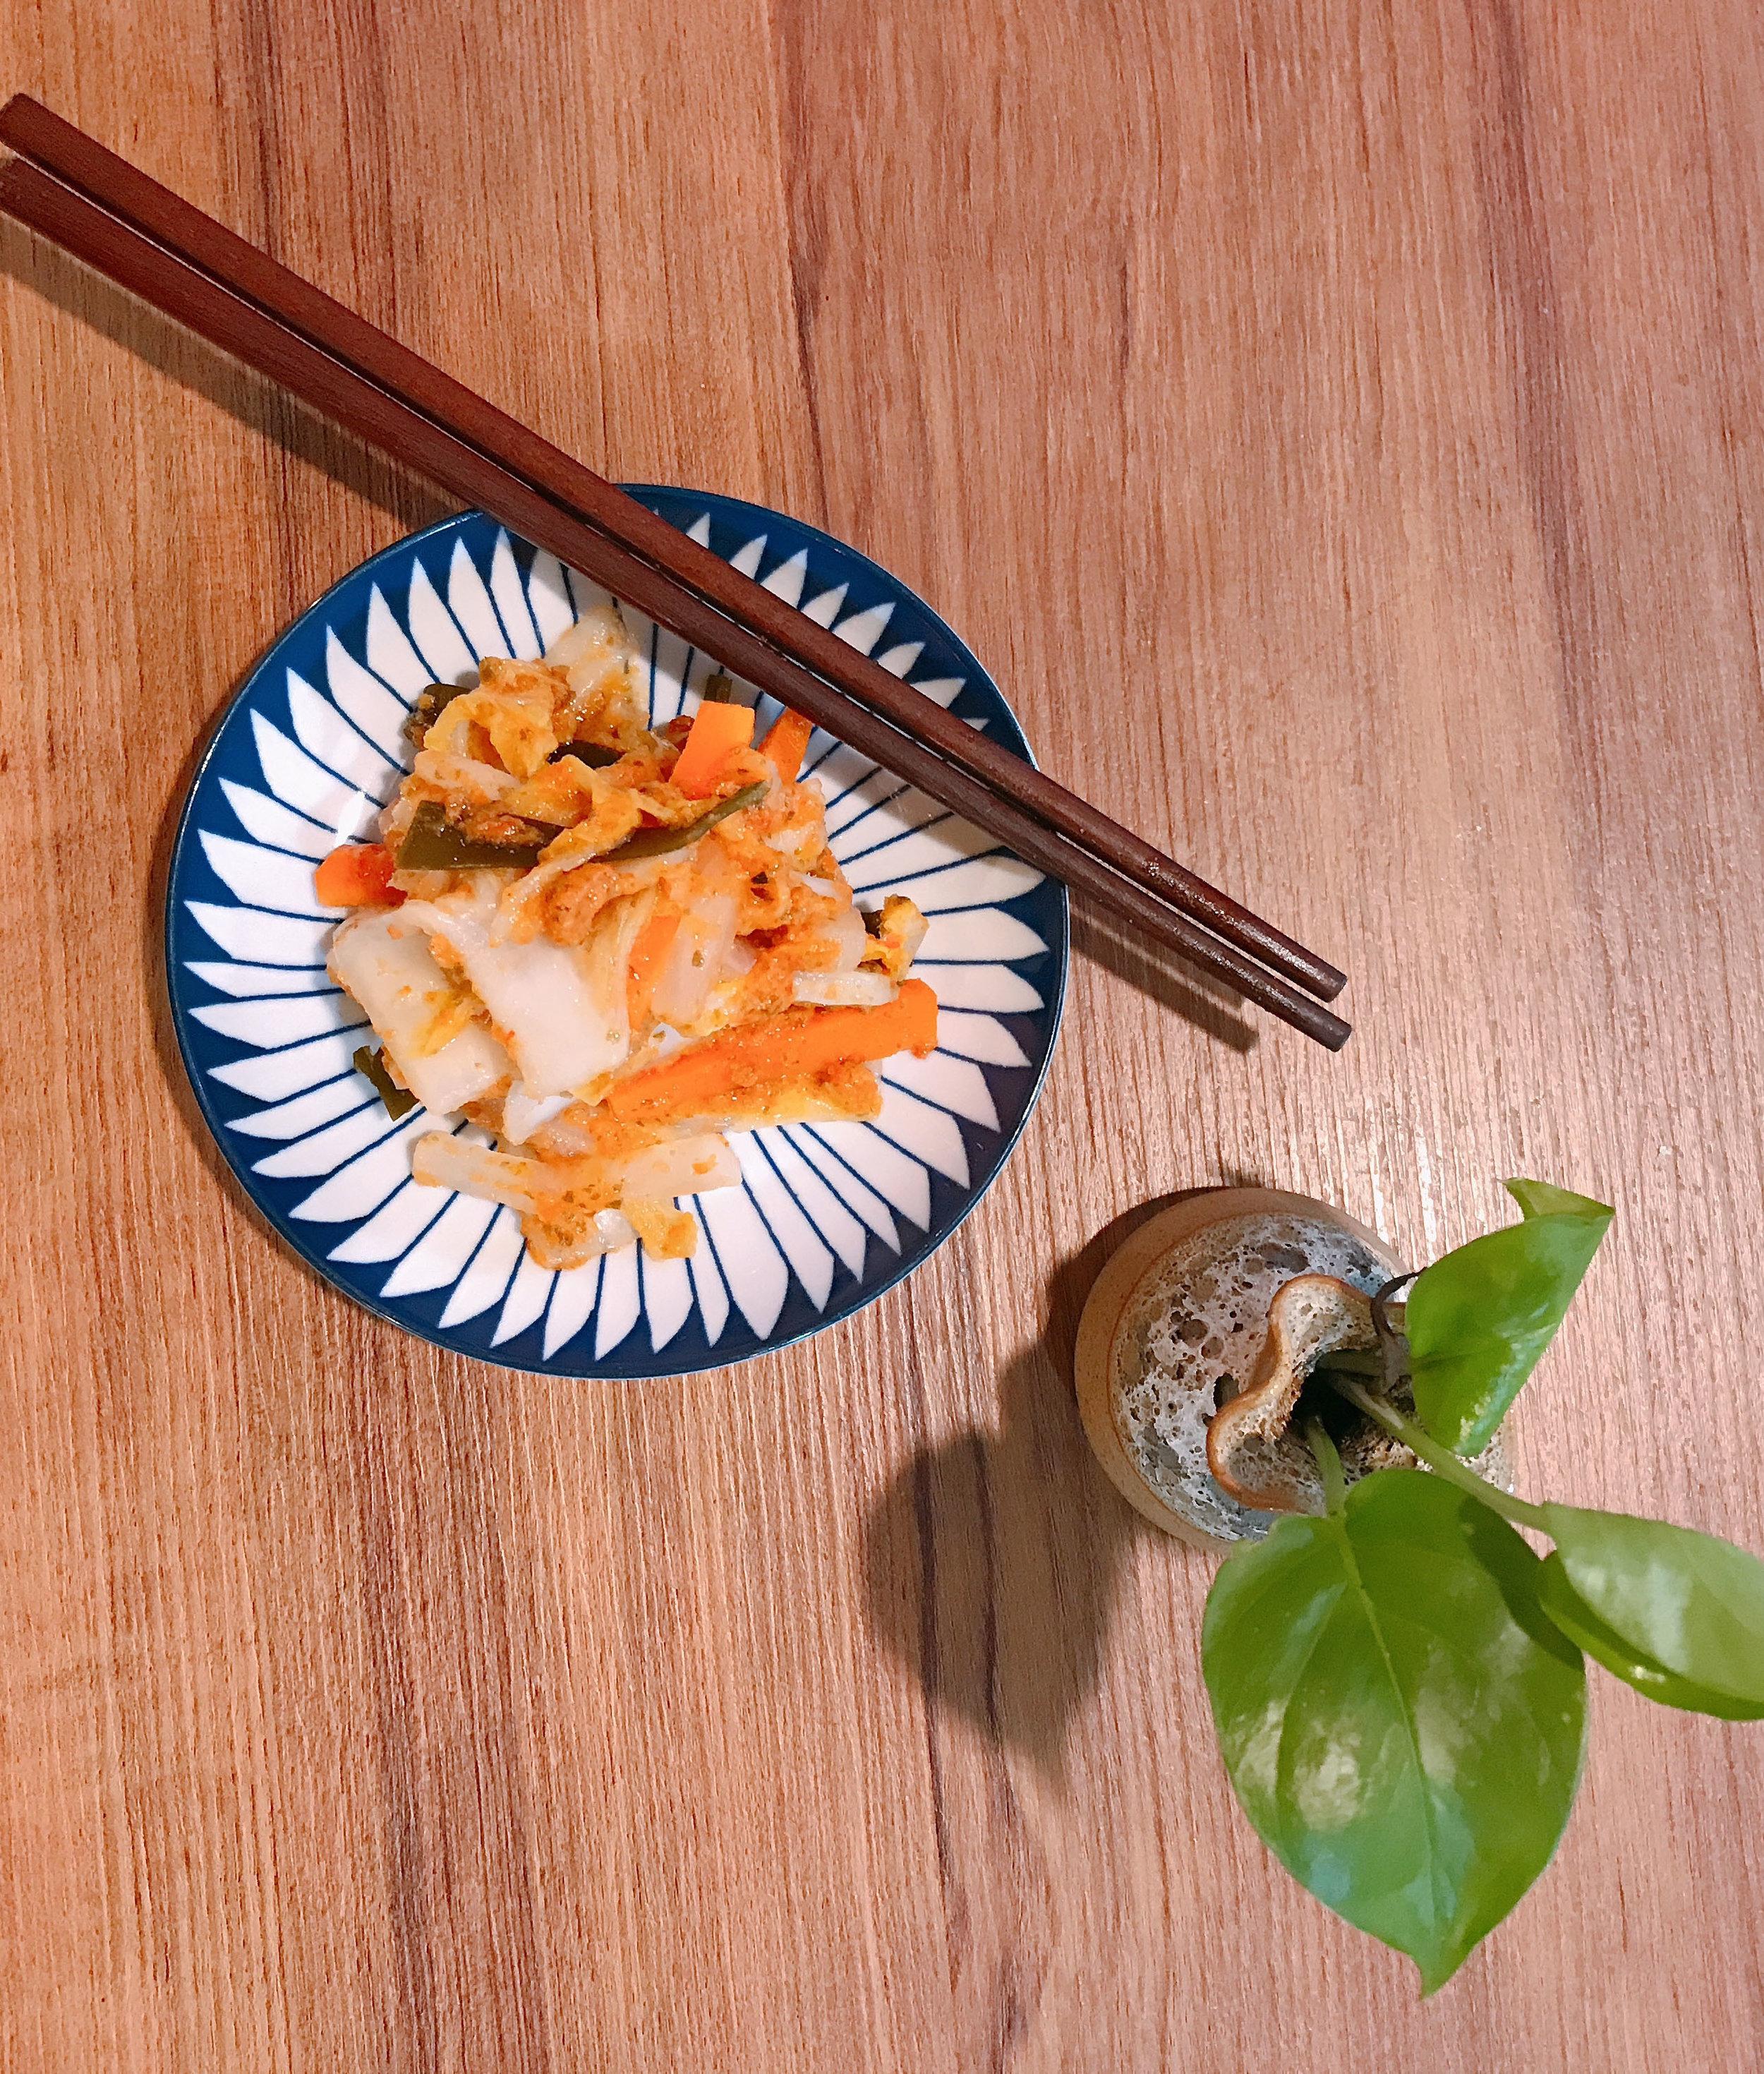 素食泡菜Kimchi for Vegan - 帶有小小辣,採用天然調味料。市面上的泡菜大部份都是用魚露醃製,鹽份很高。